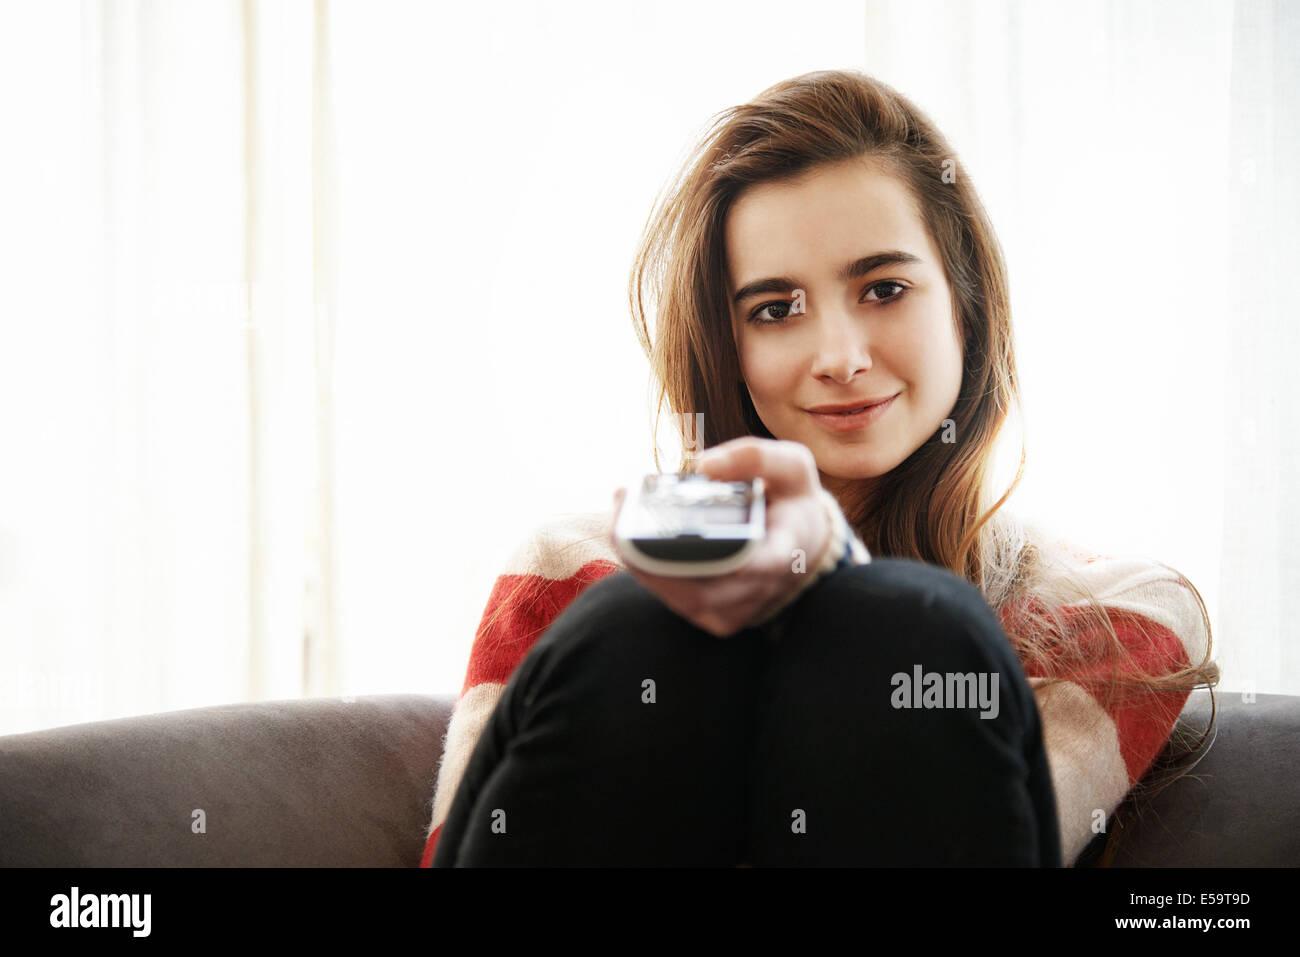 Teenager-Mädchen vor dem Fernseher auf sofa Stockbild